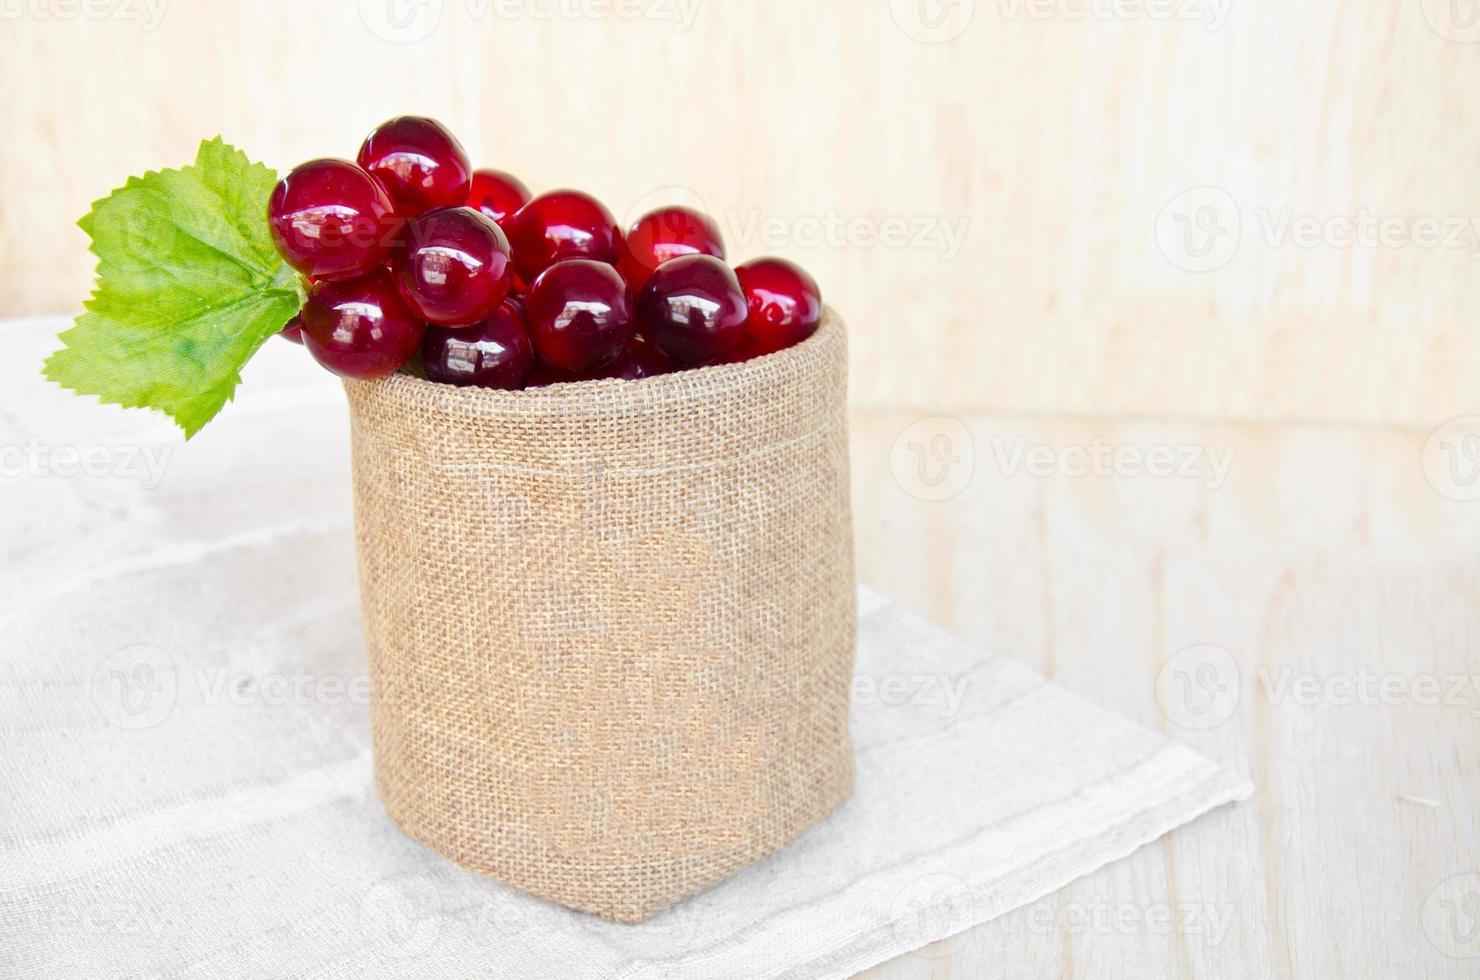 druiven in zak foto